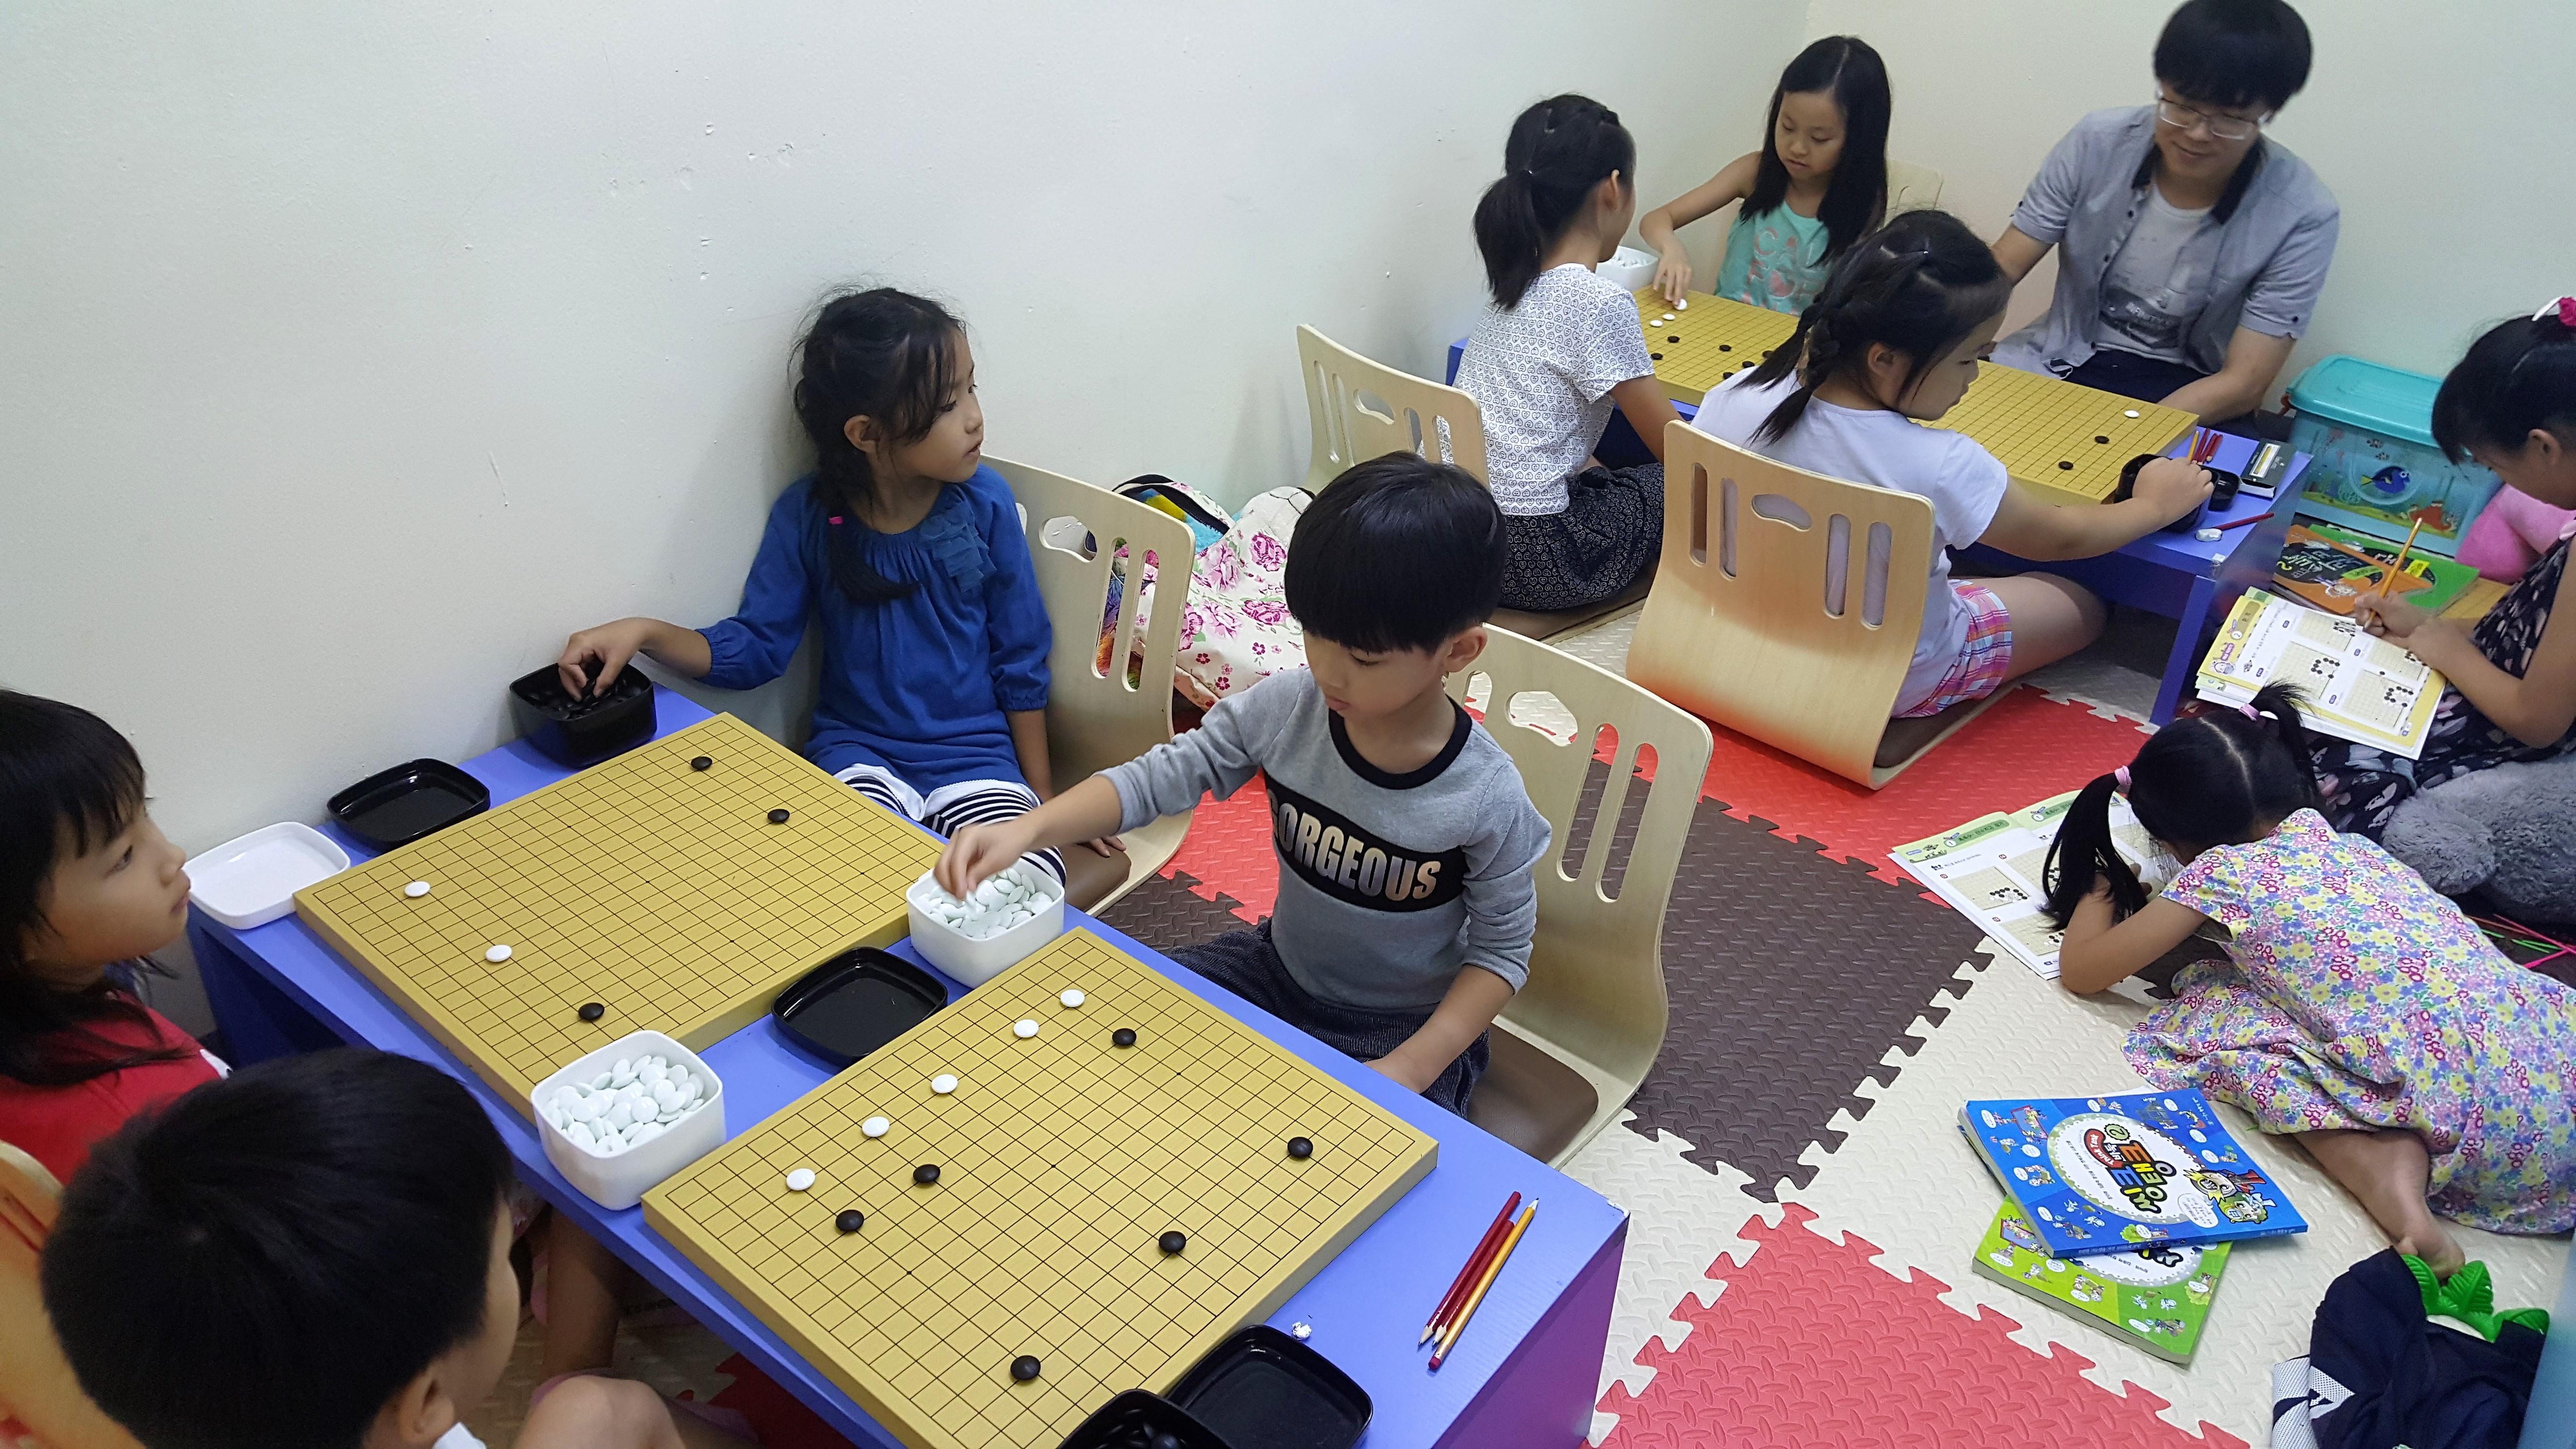 圍棋  圍棋  圍棋